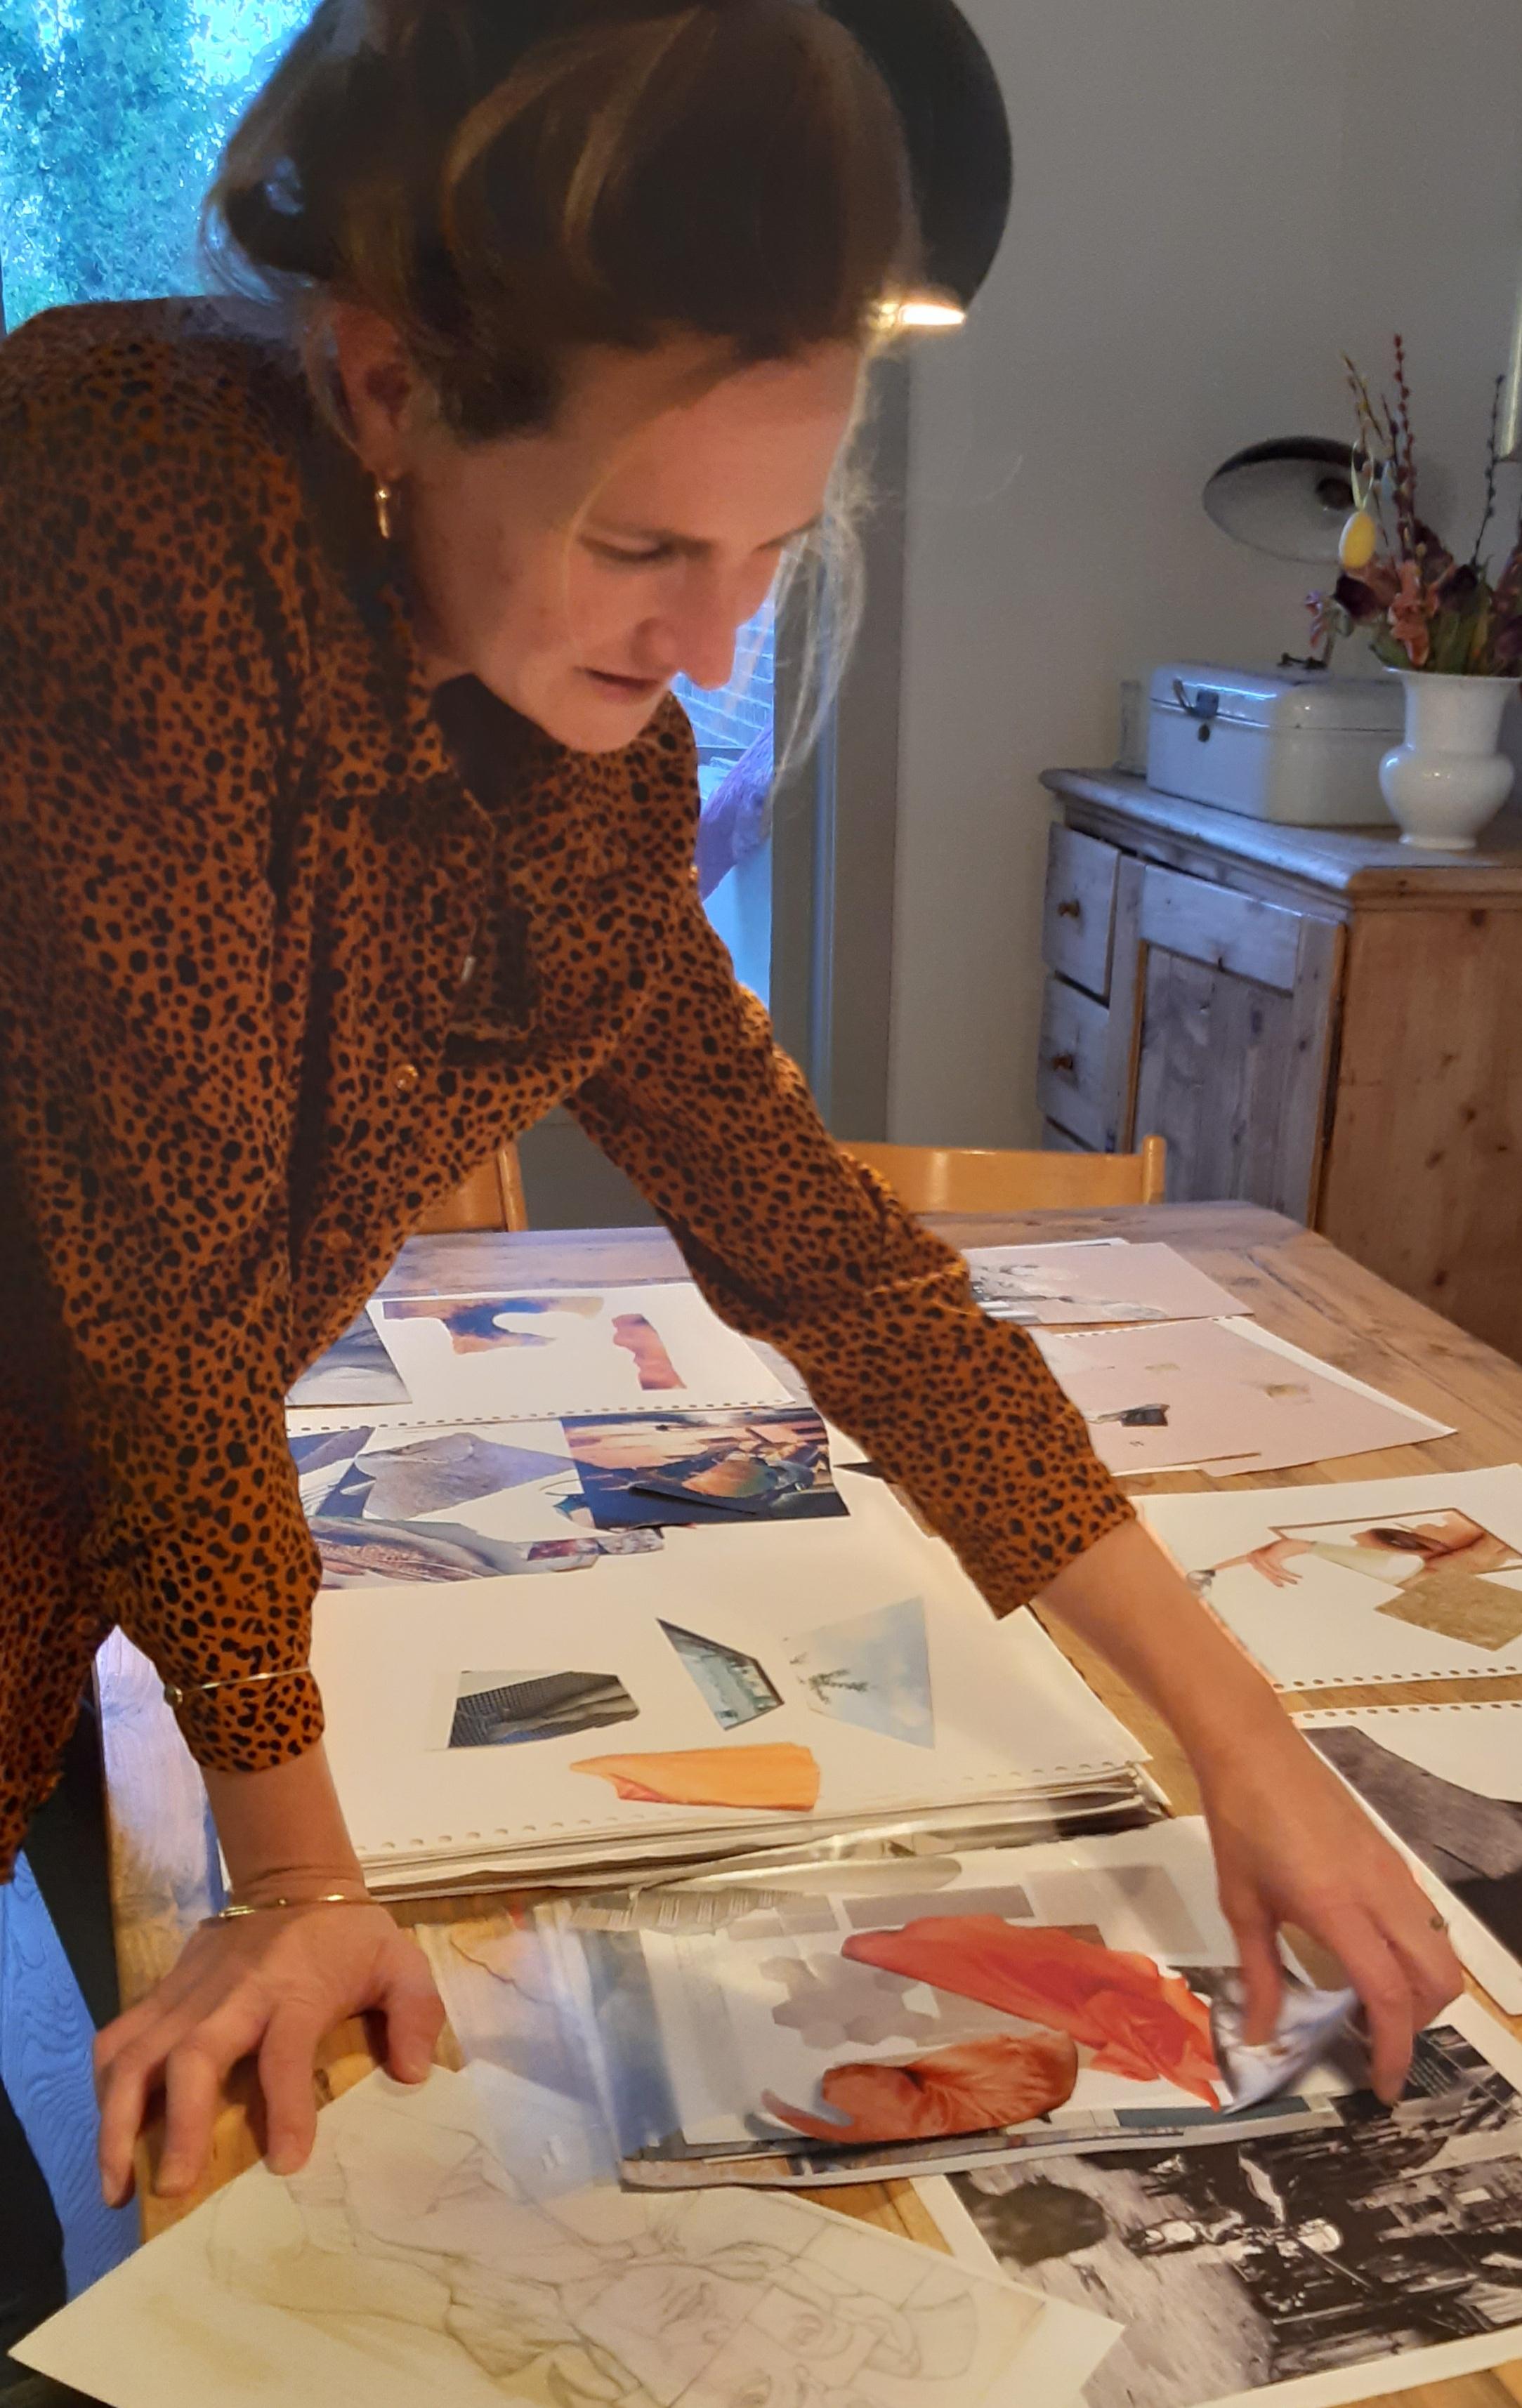 Atelier_auf_dem_Küchentisch_2.jpg